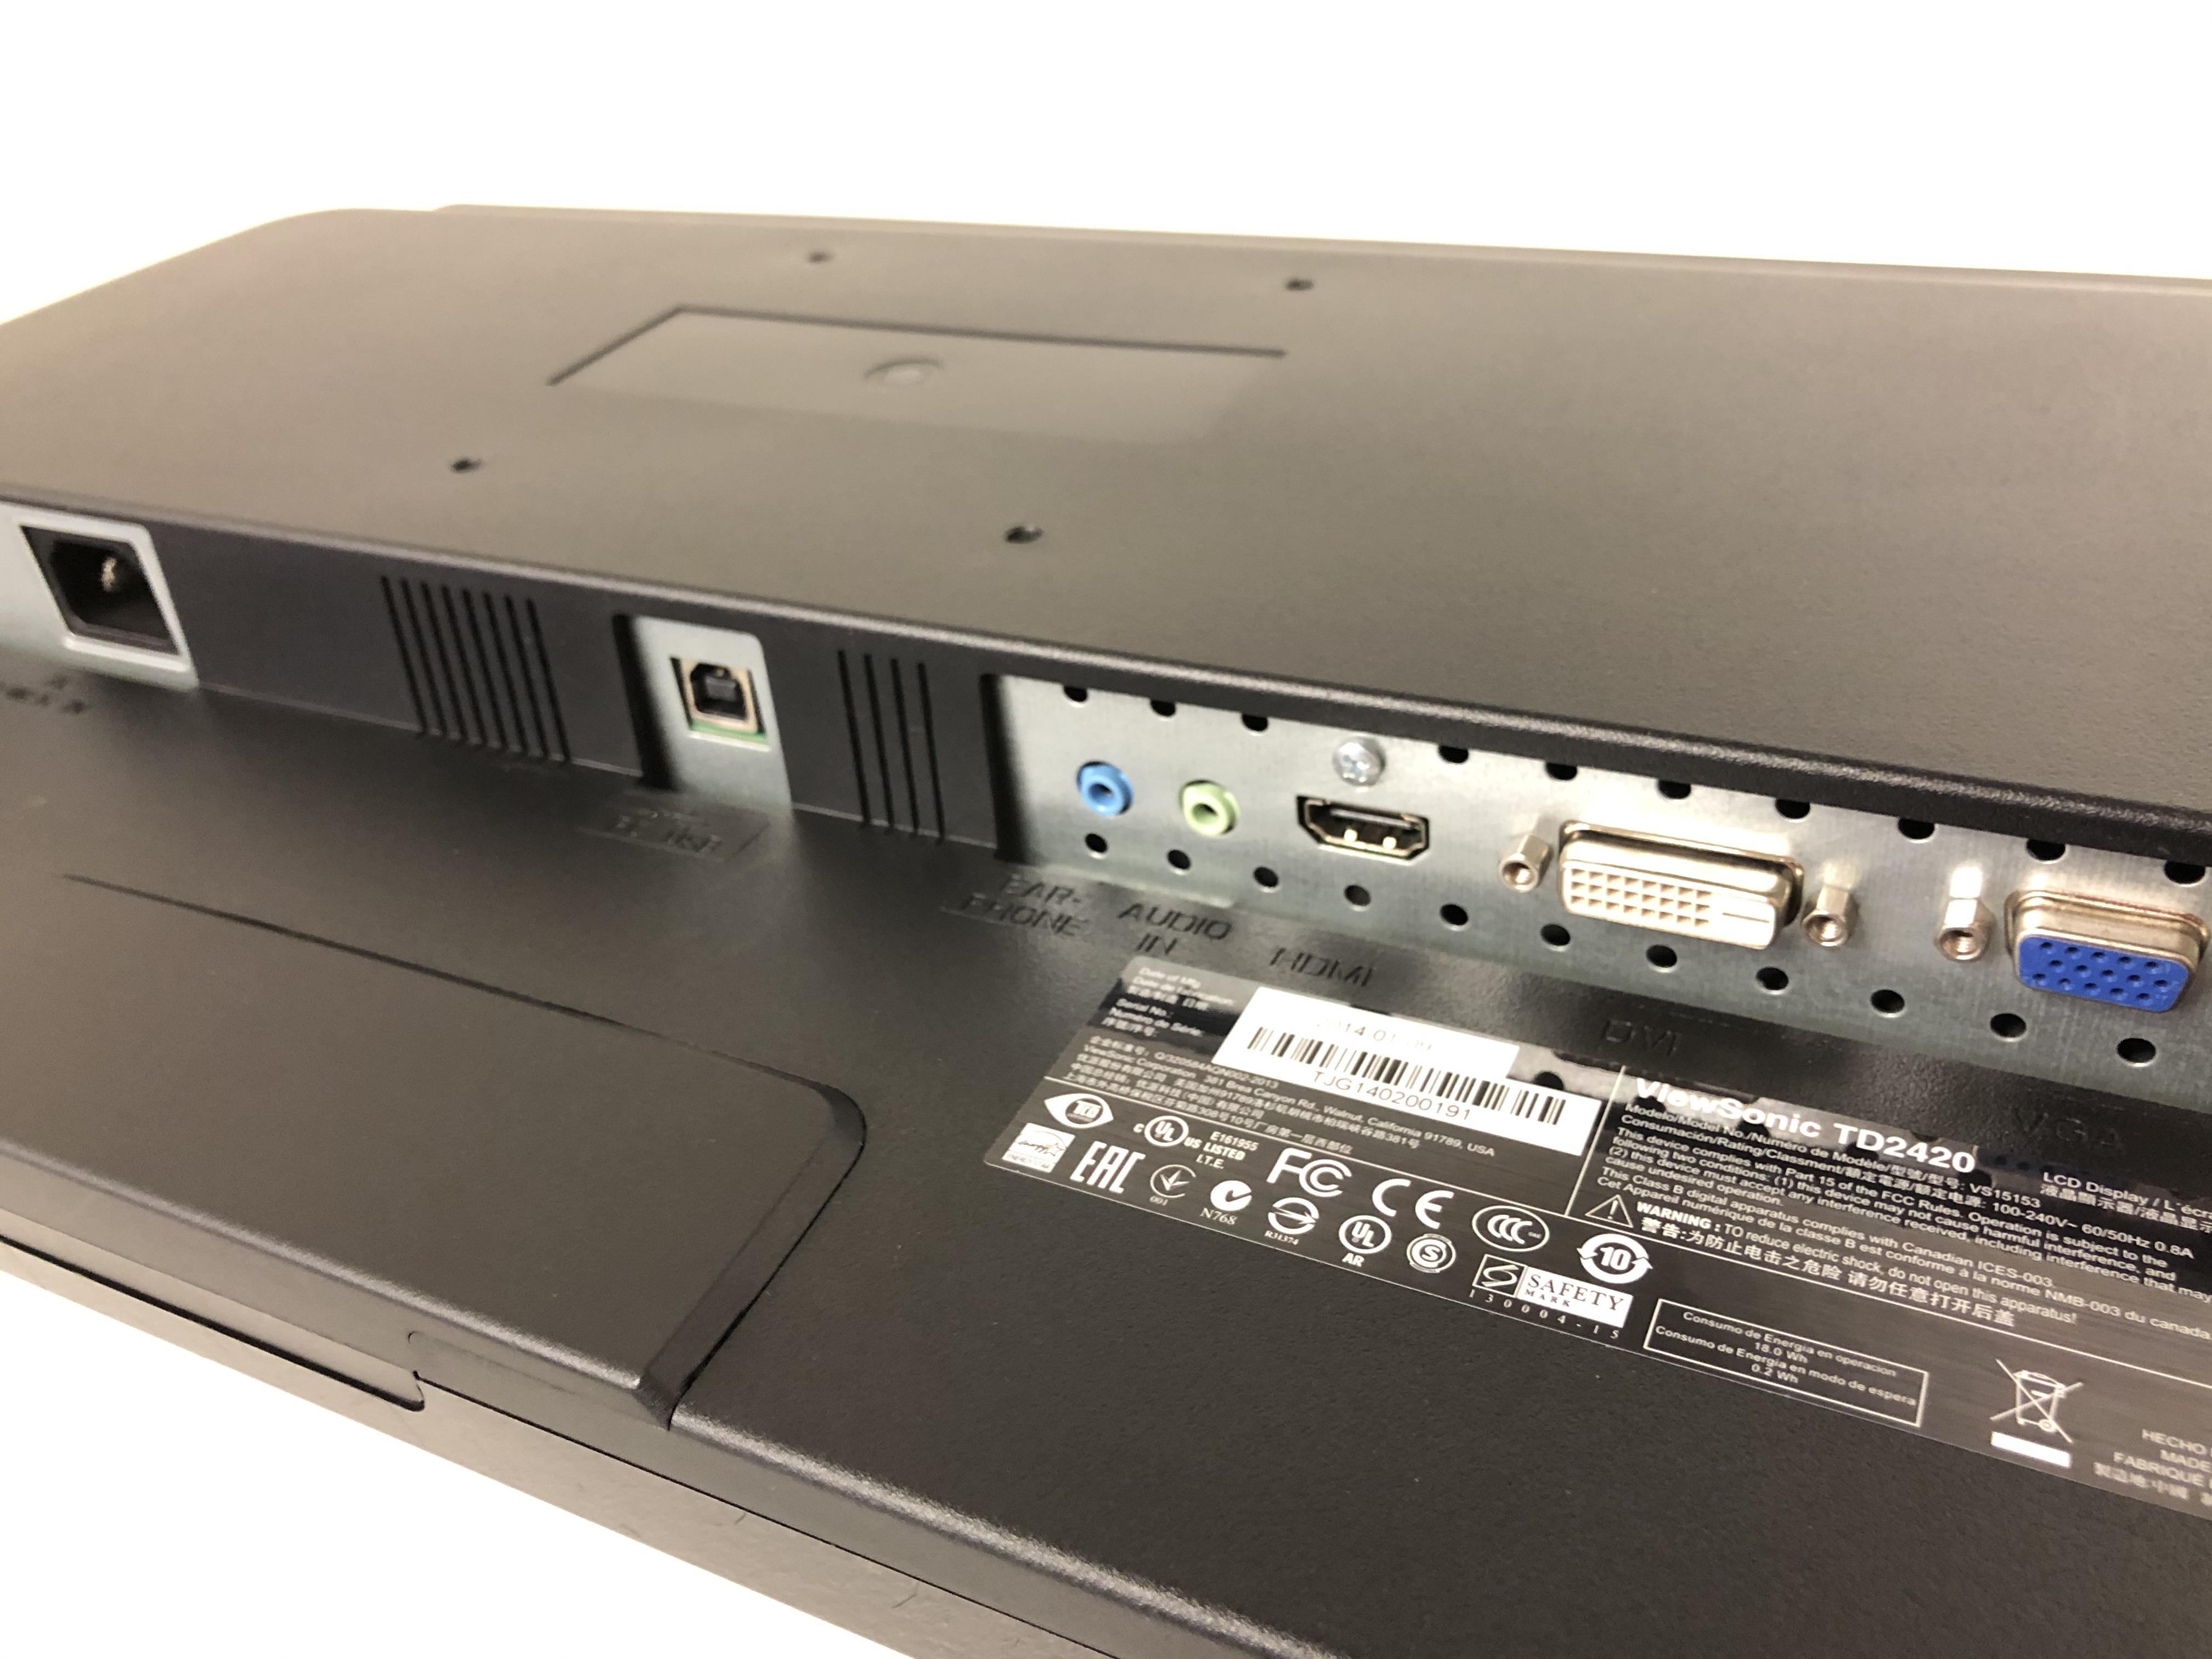 Viewsonic TD2420 No 5